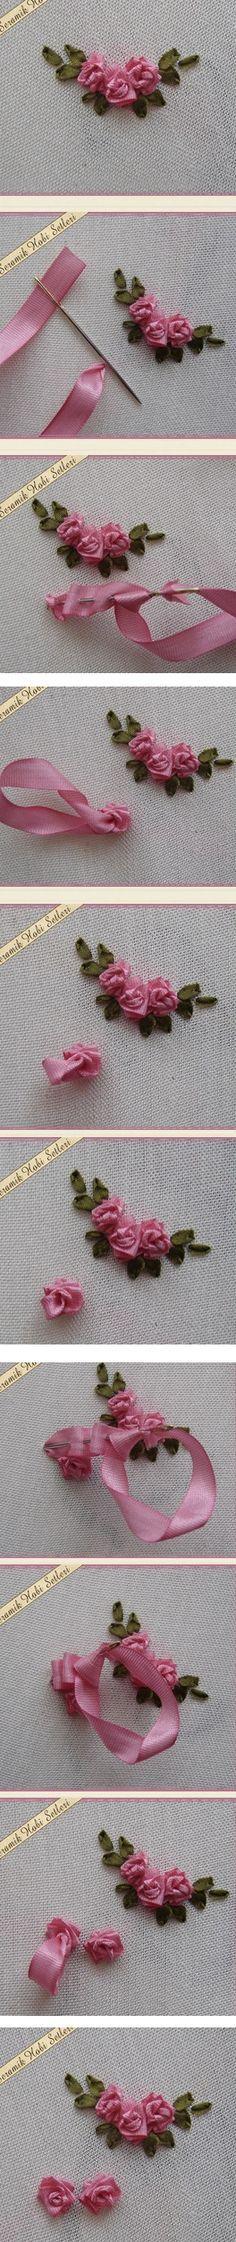 *RIBBON ART ~ Sweet ribbonwork Rosebud clusters.